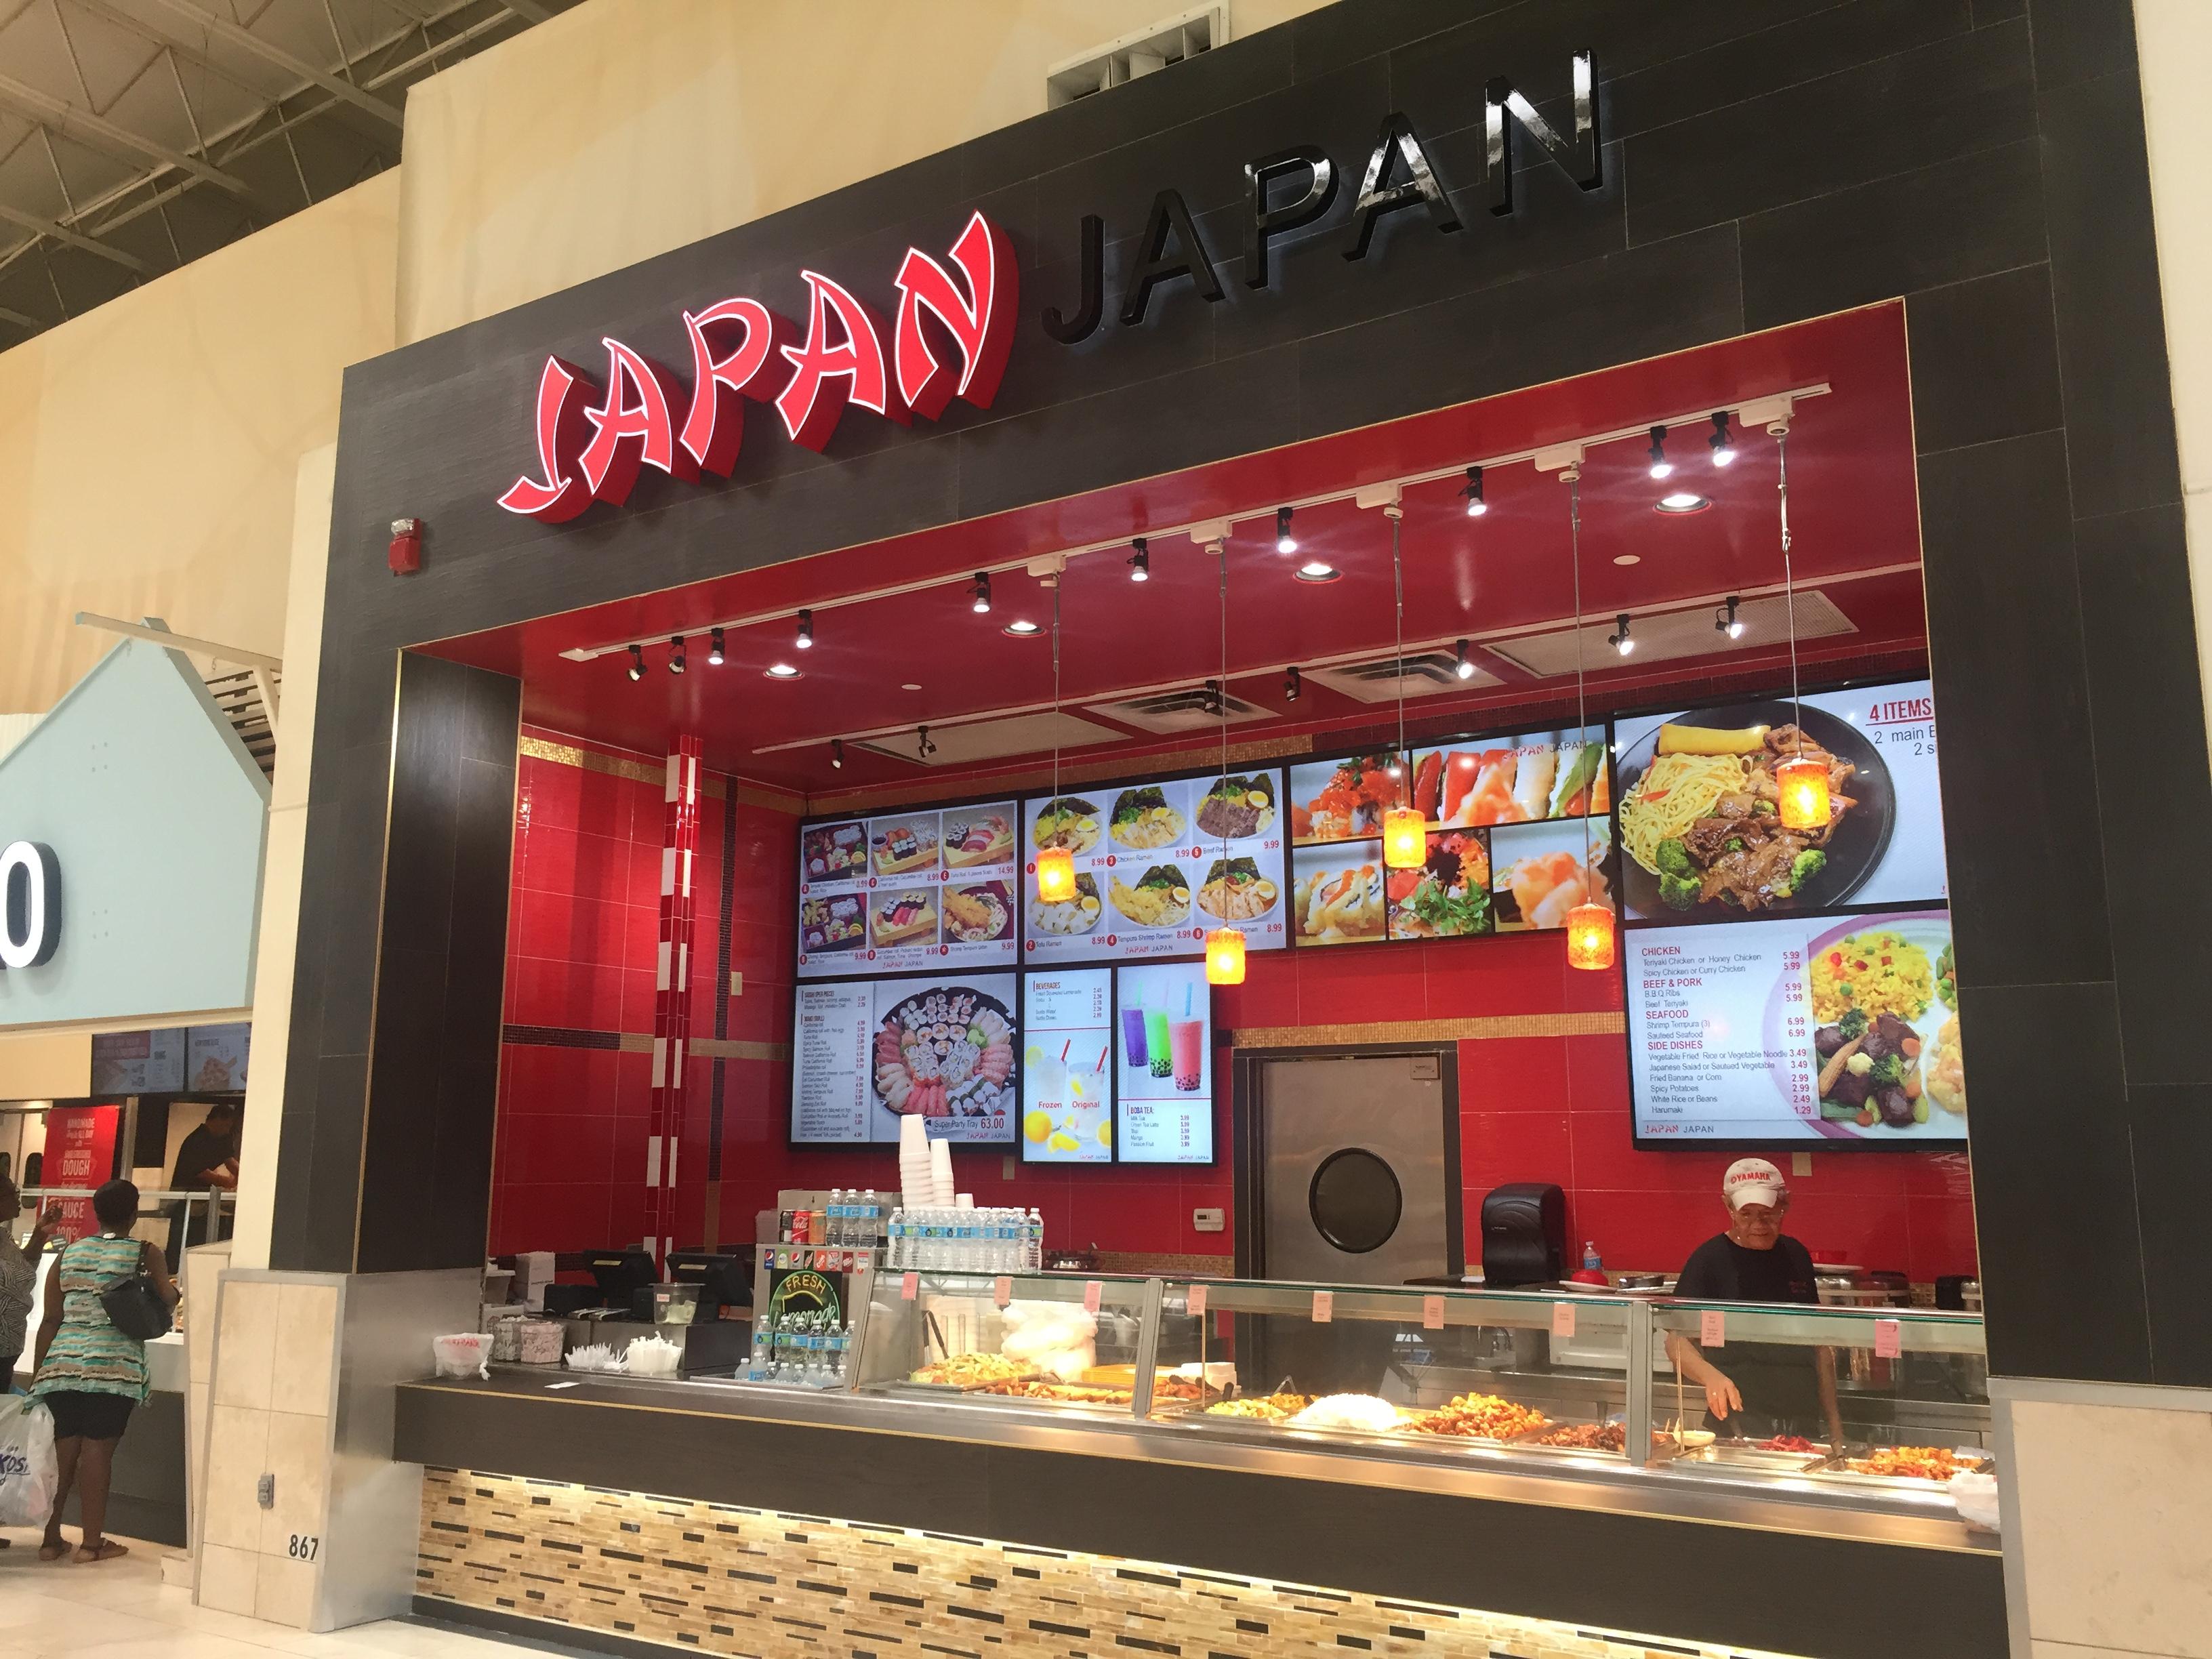 JAPAN JAPAN RESTAURANT